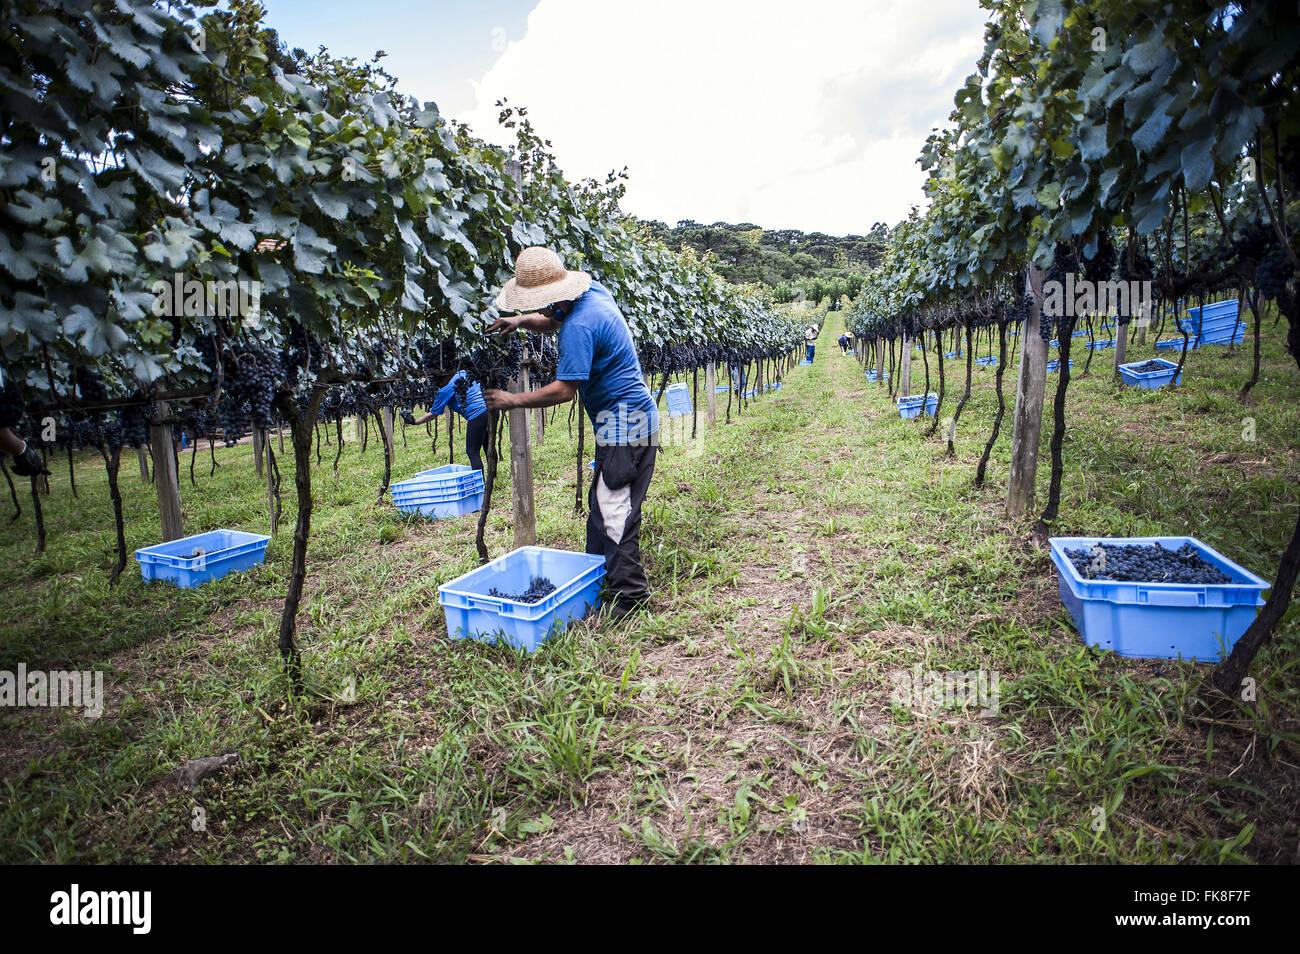 Colheita de uva tipo Merlot em cultivo vertical chamado espaldeira - Stock Image